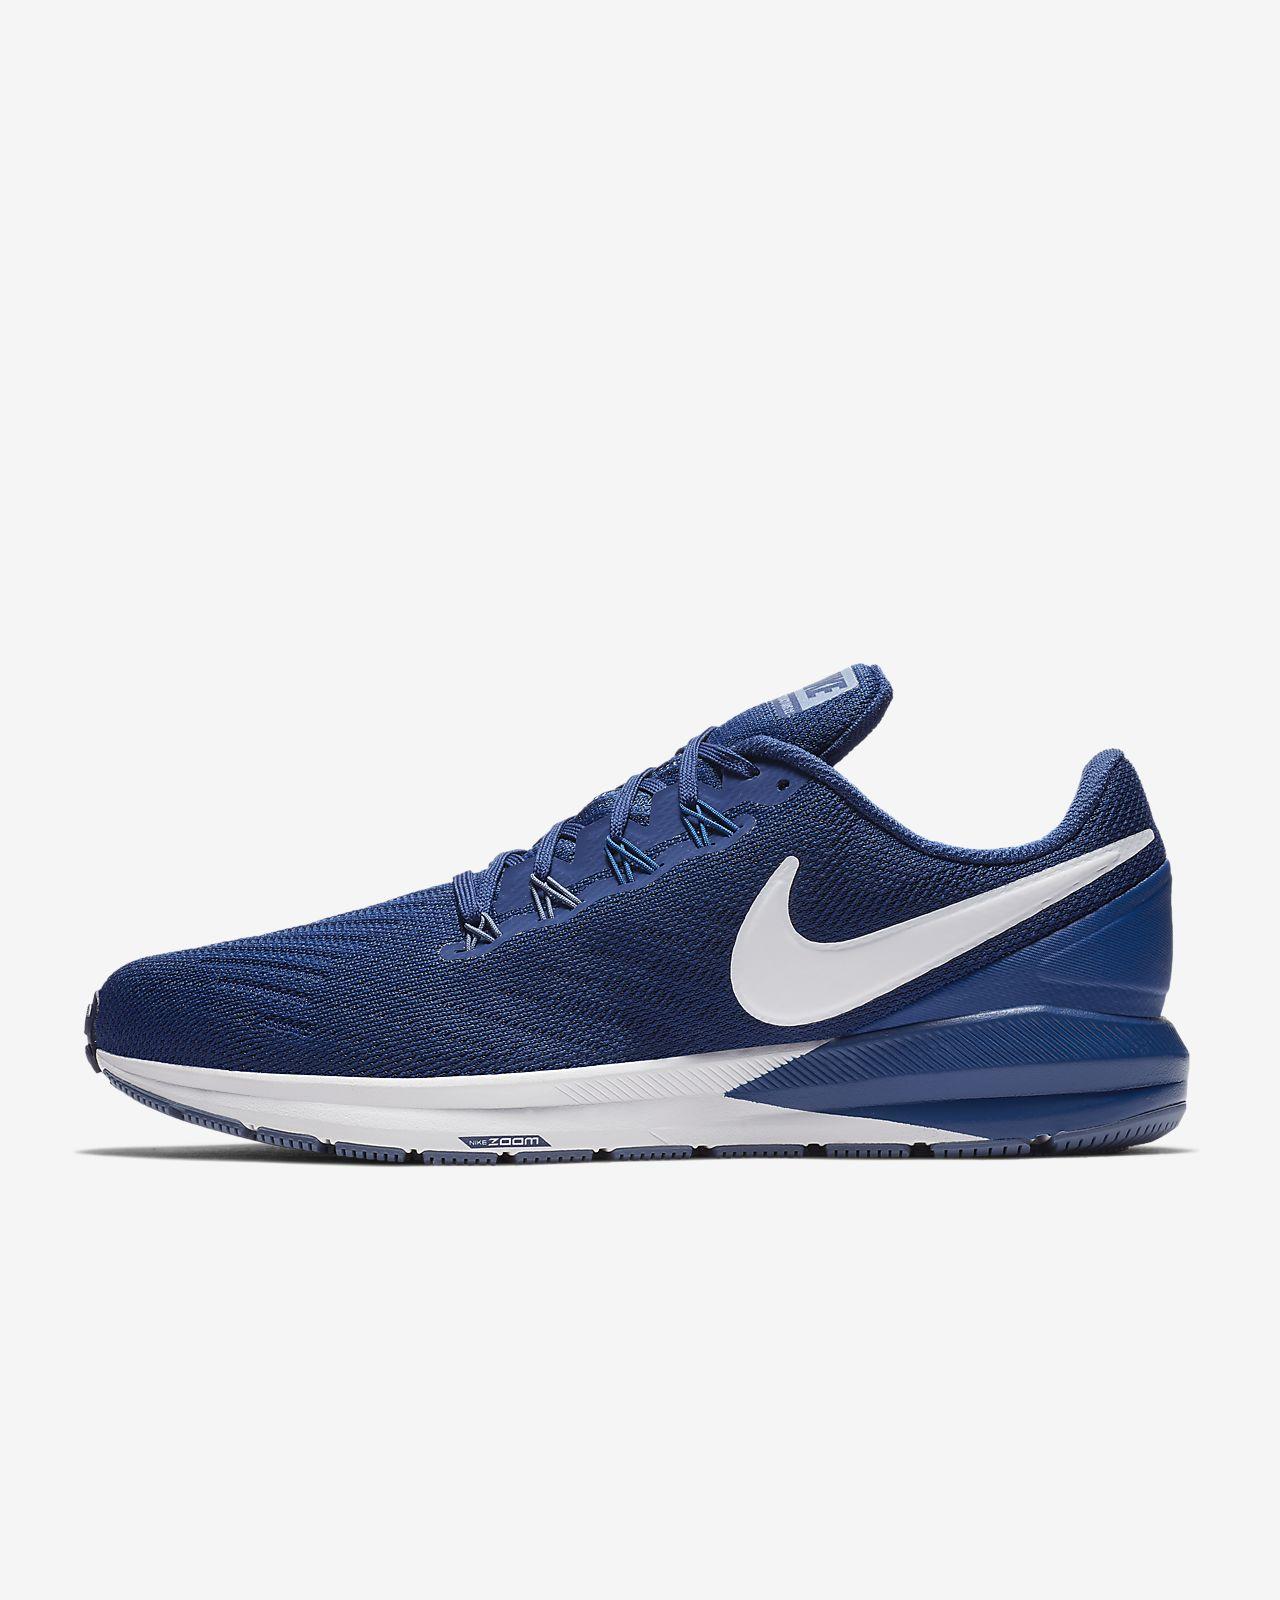 Calzado de running para hombre Nike Air Zoom Structure 22 (ancho)